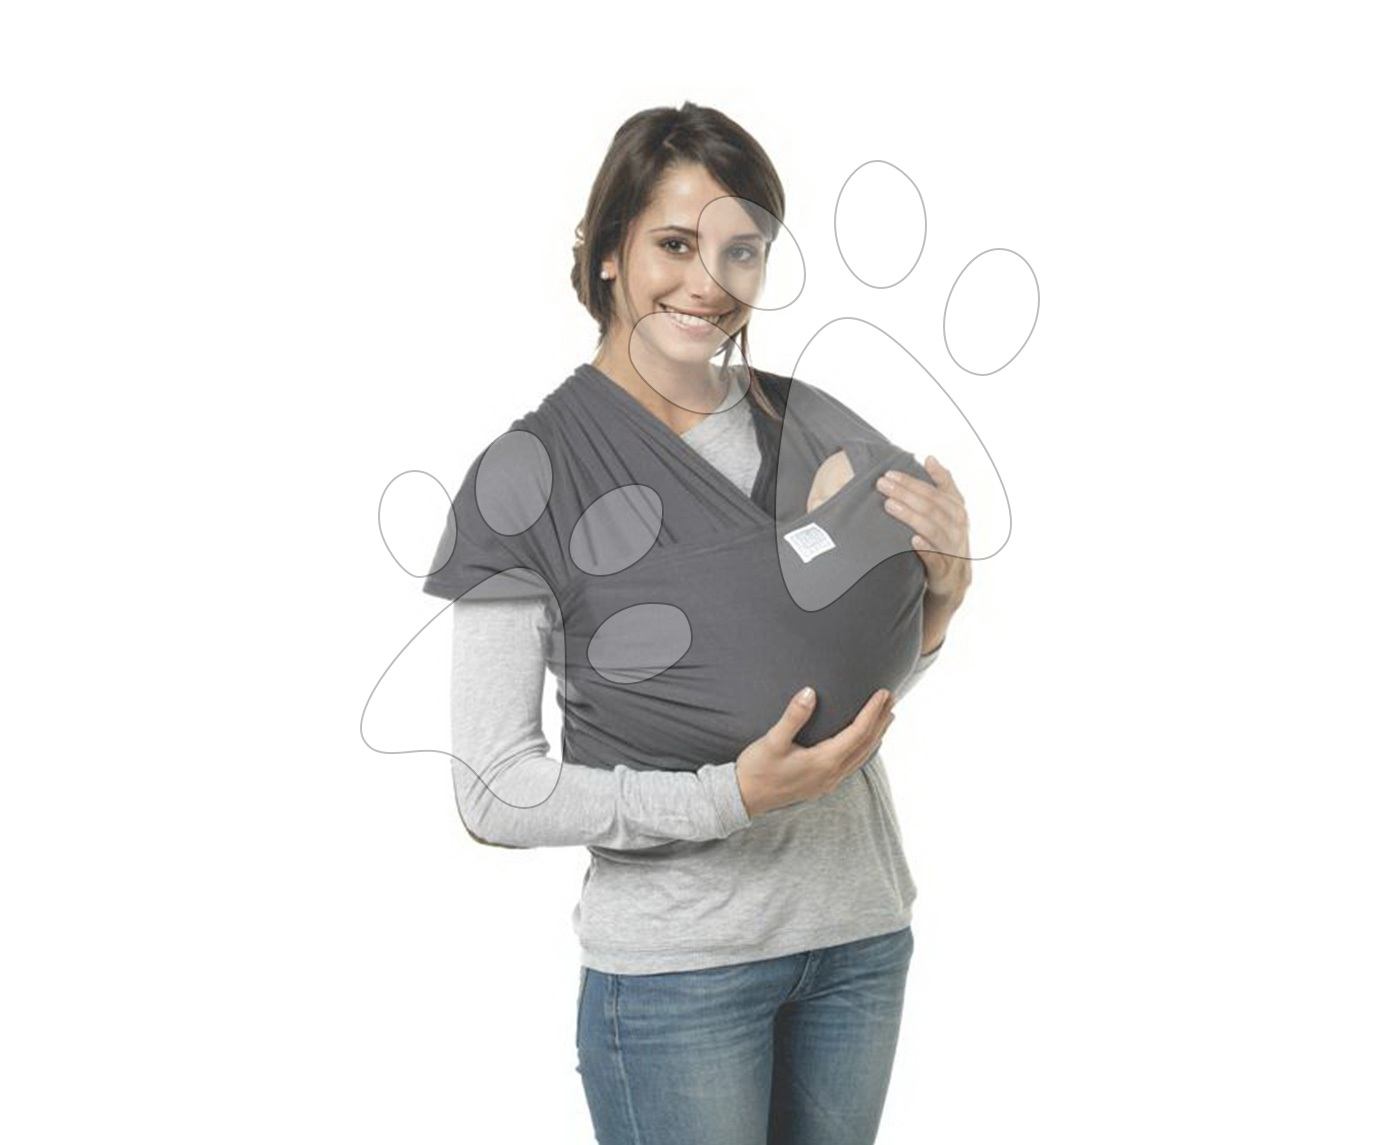 Nosič dětí šátek Red Castle Wrap od 3.5-18 kg velikost 4.70 m (36-42) šedý od 0 měsíců